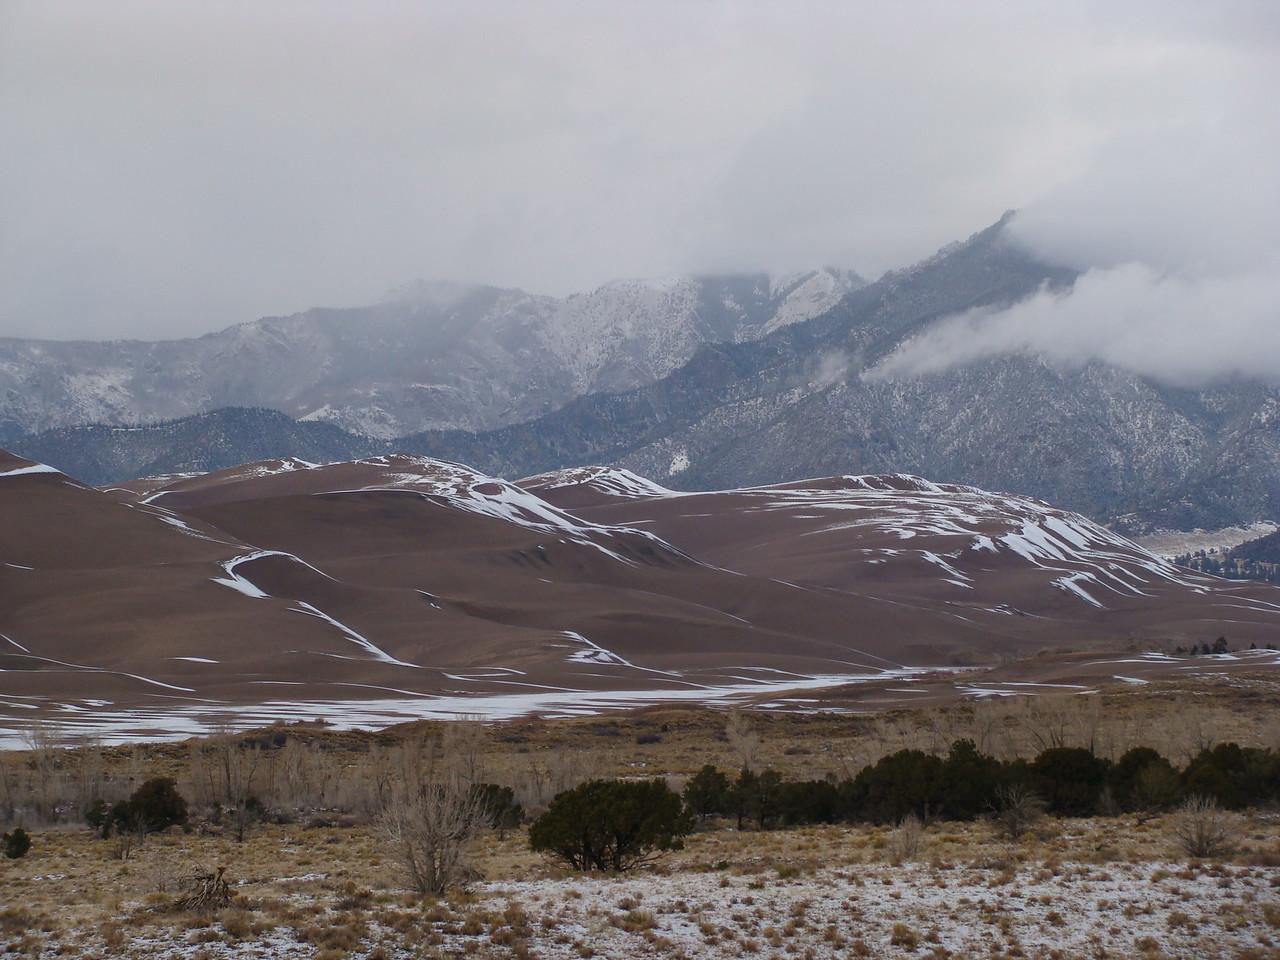 Cloudy Sangre de Cristo Mountains and Sand Dunes